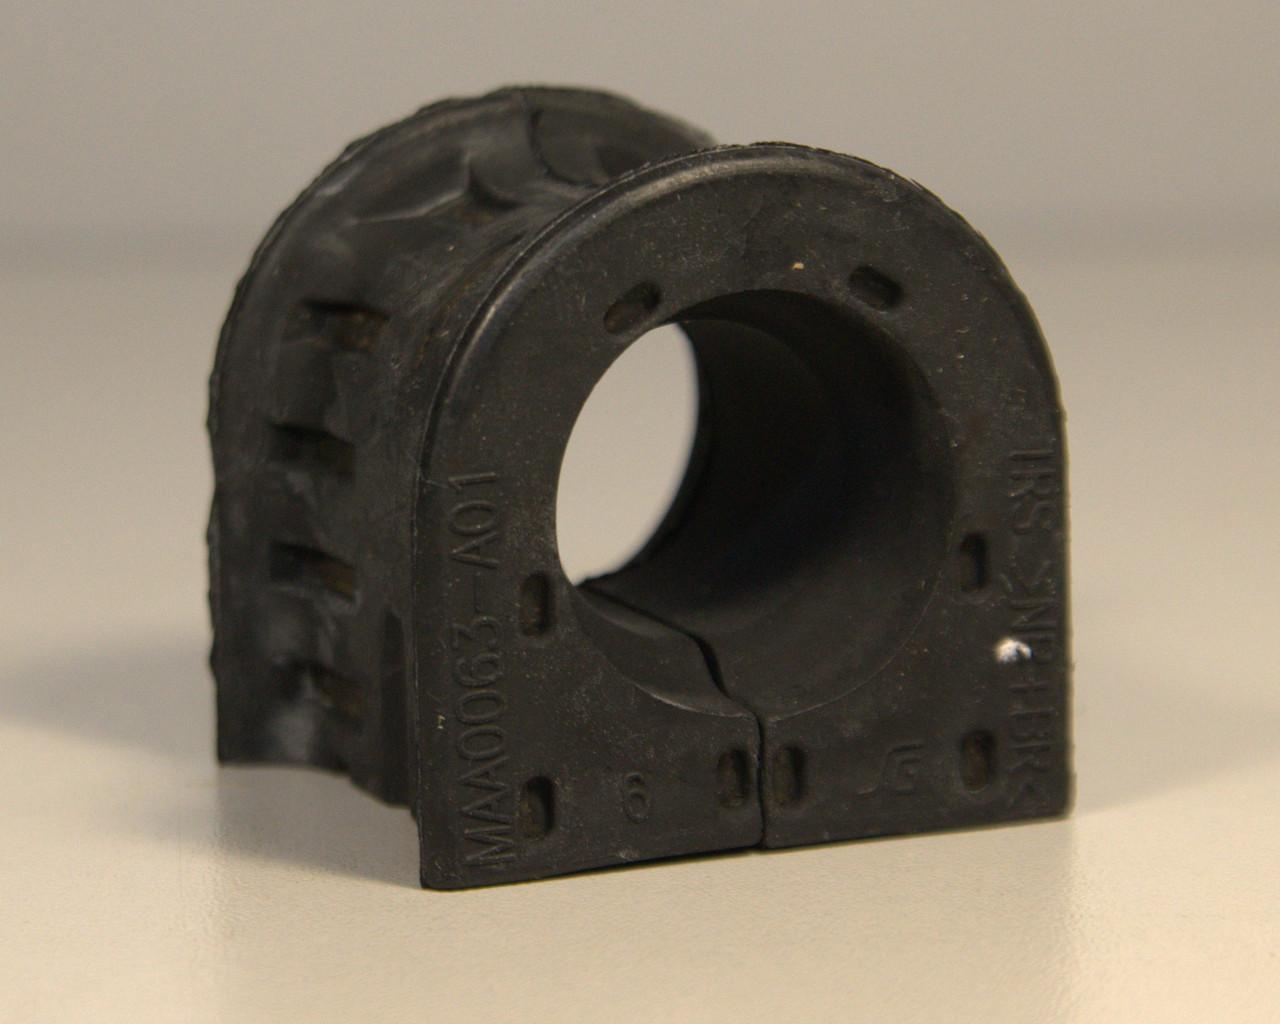 Втулка заднього стабілізатора d=28mm на Renault Master III 2010-> — Renault (Оригінал) - 546135490R